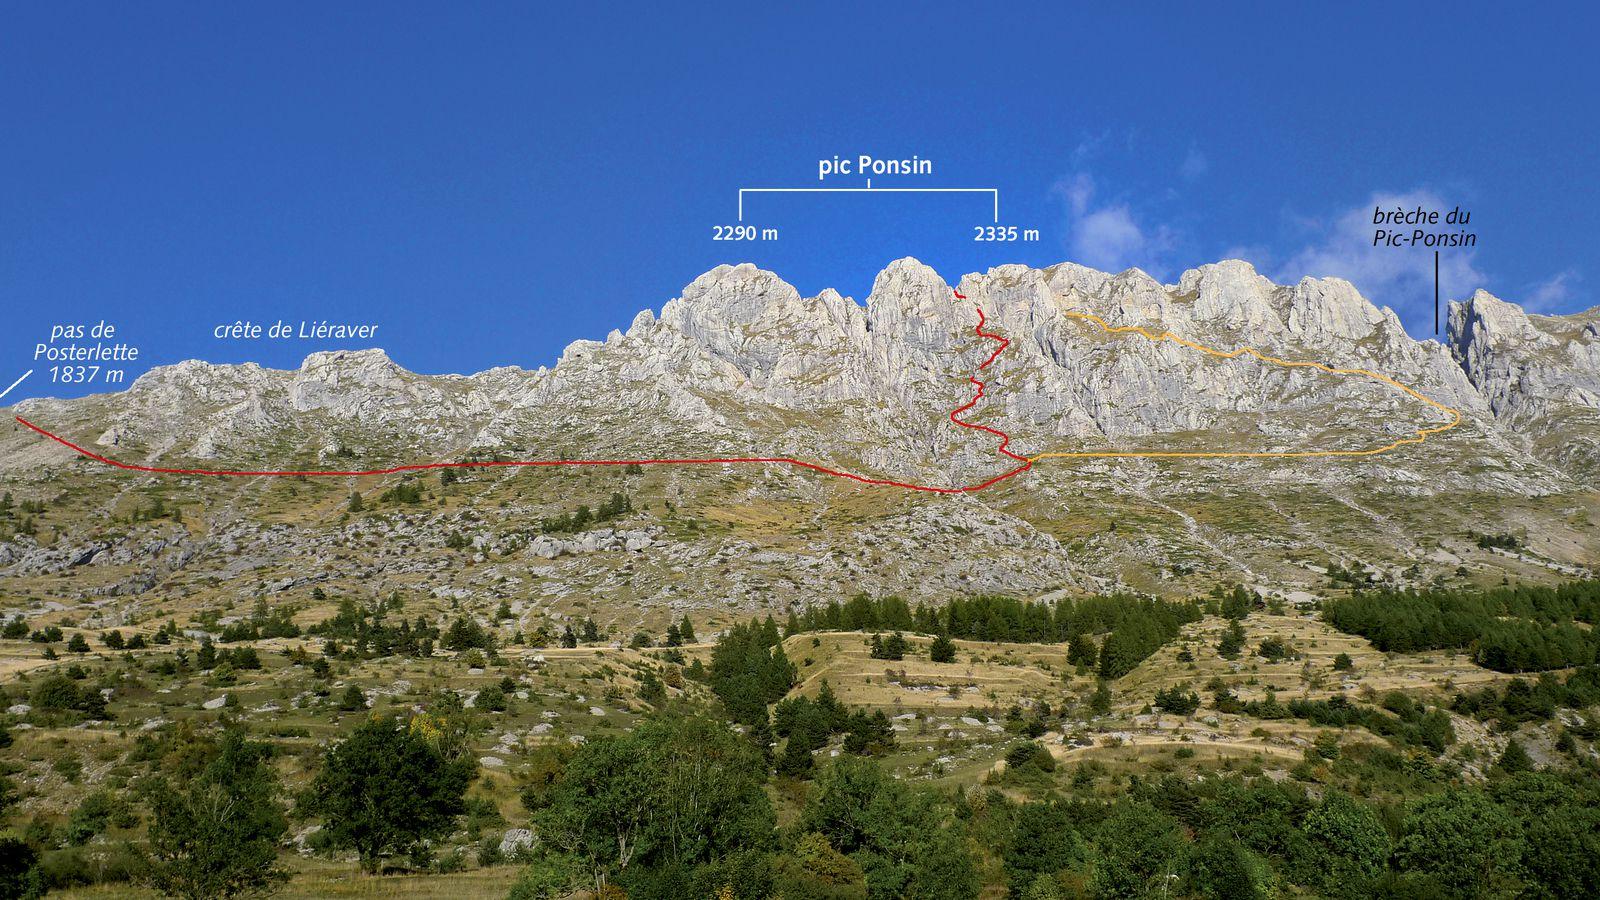 Le versant ouest avec les différentes descentes.